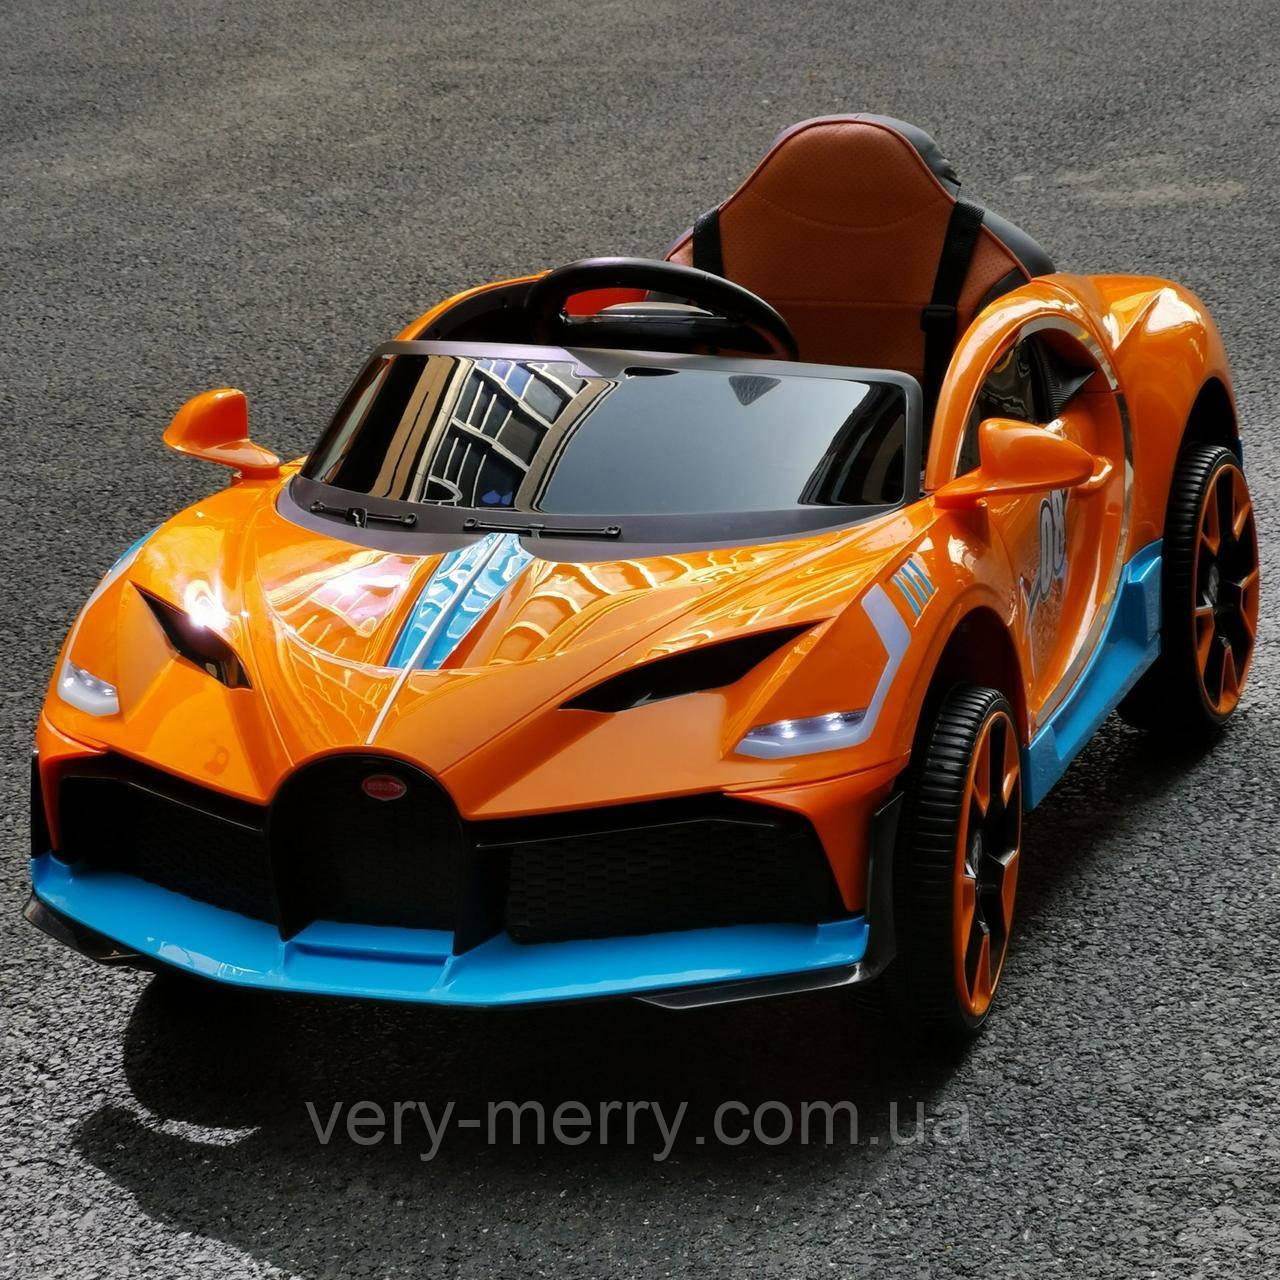 Детский легковой электромобильTilly Bugatti (оранжевый цвет) с пультом дистанционного управления